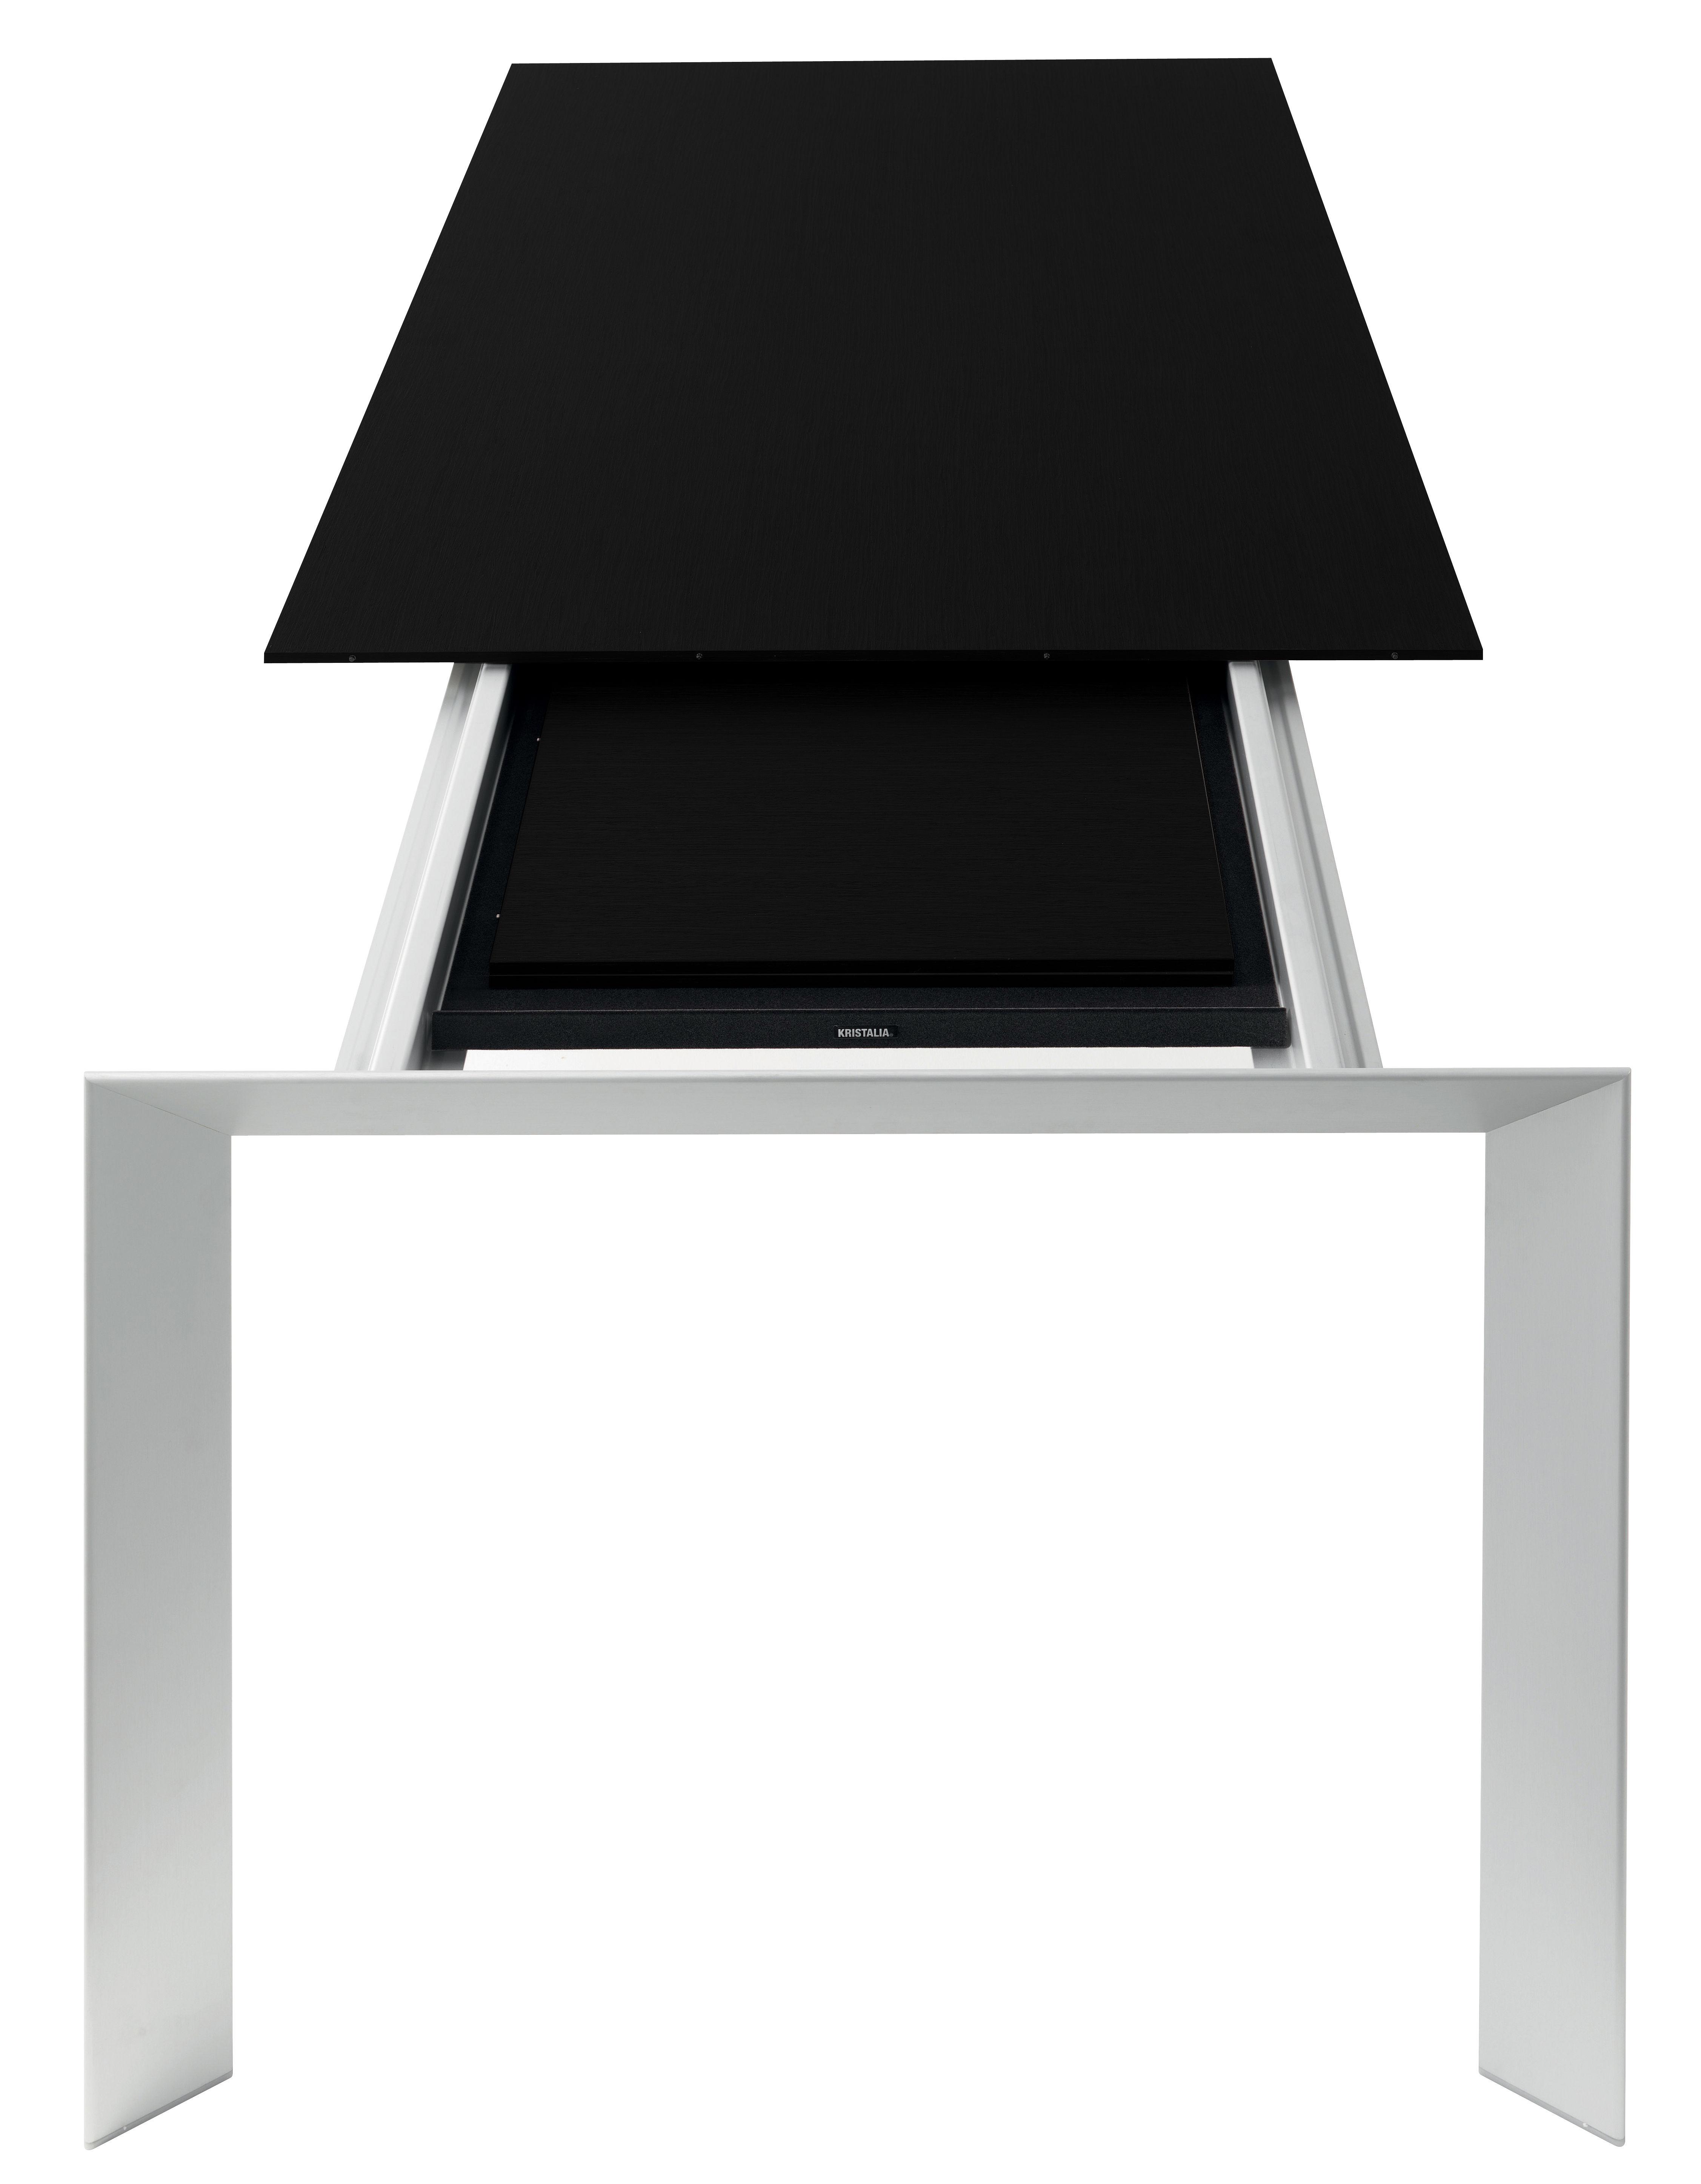 Rentrée 2011 UK - Bureau design - Tavolo con prolunga Nori - Estensibile di Kristalia - Piano e prolunghe: laminato nero - Alluminio anodizzato, Laminato stratificato